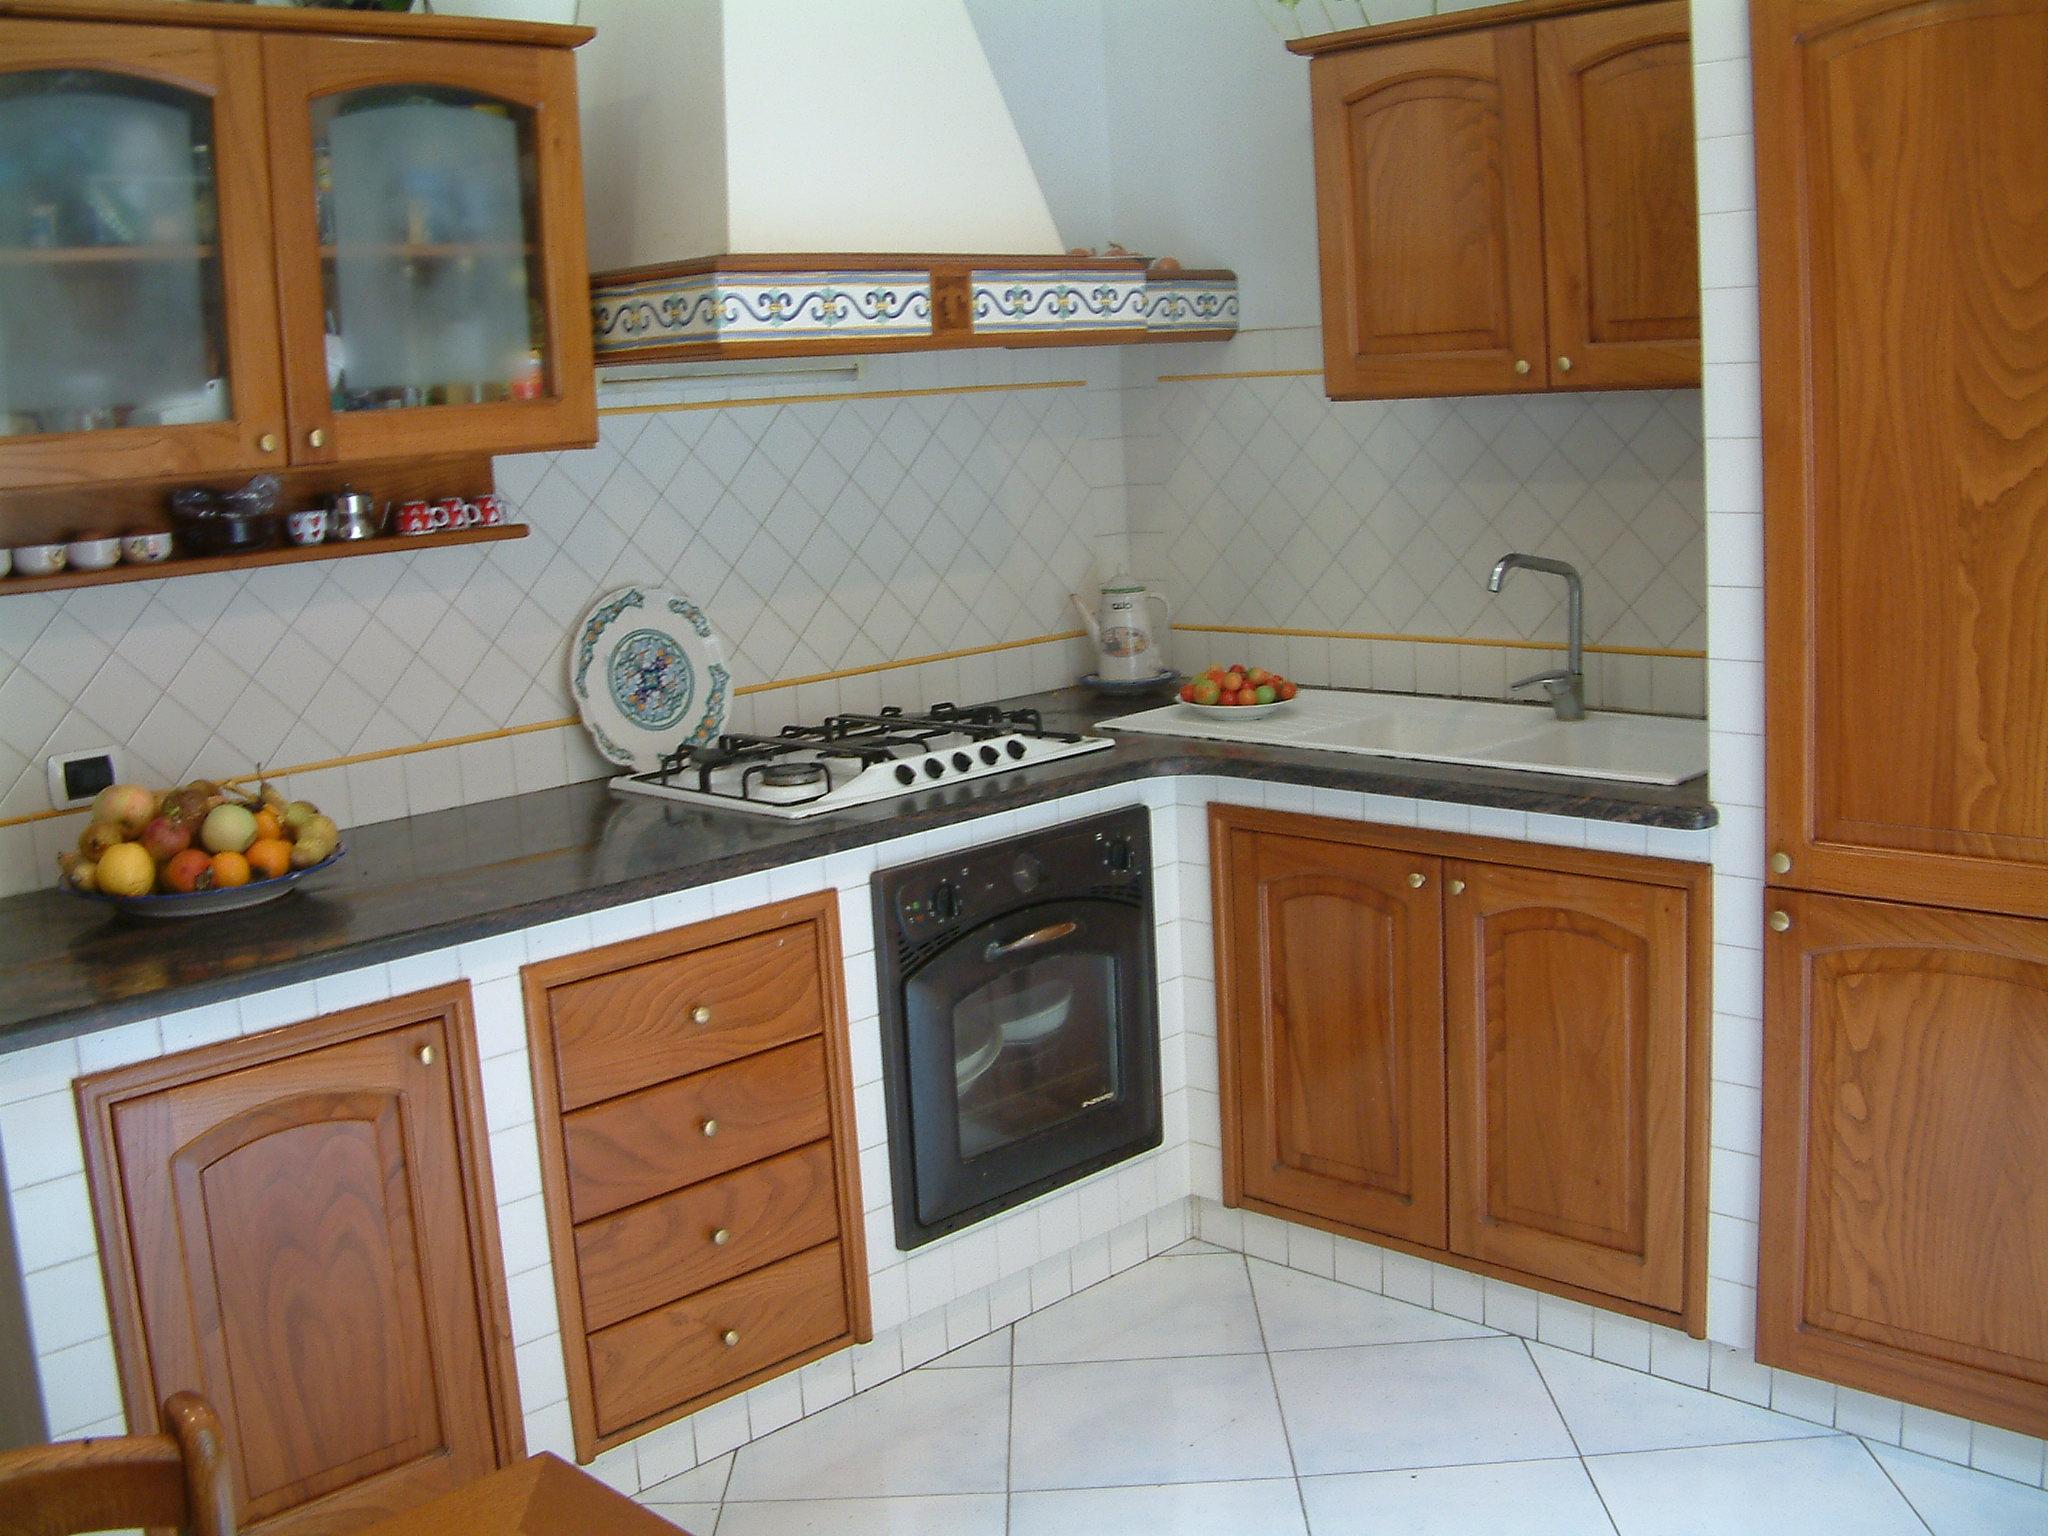 Progetti cucine in muratura rustiche trendy with progetti cucine in muratura rustiche fabulous - Cucine in muratura economiche ...